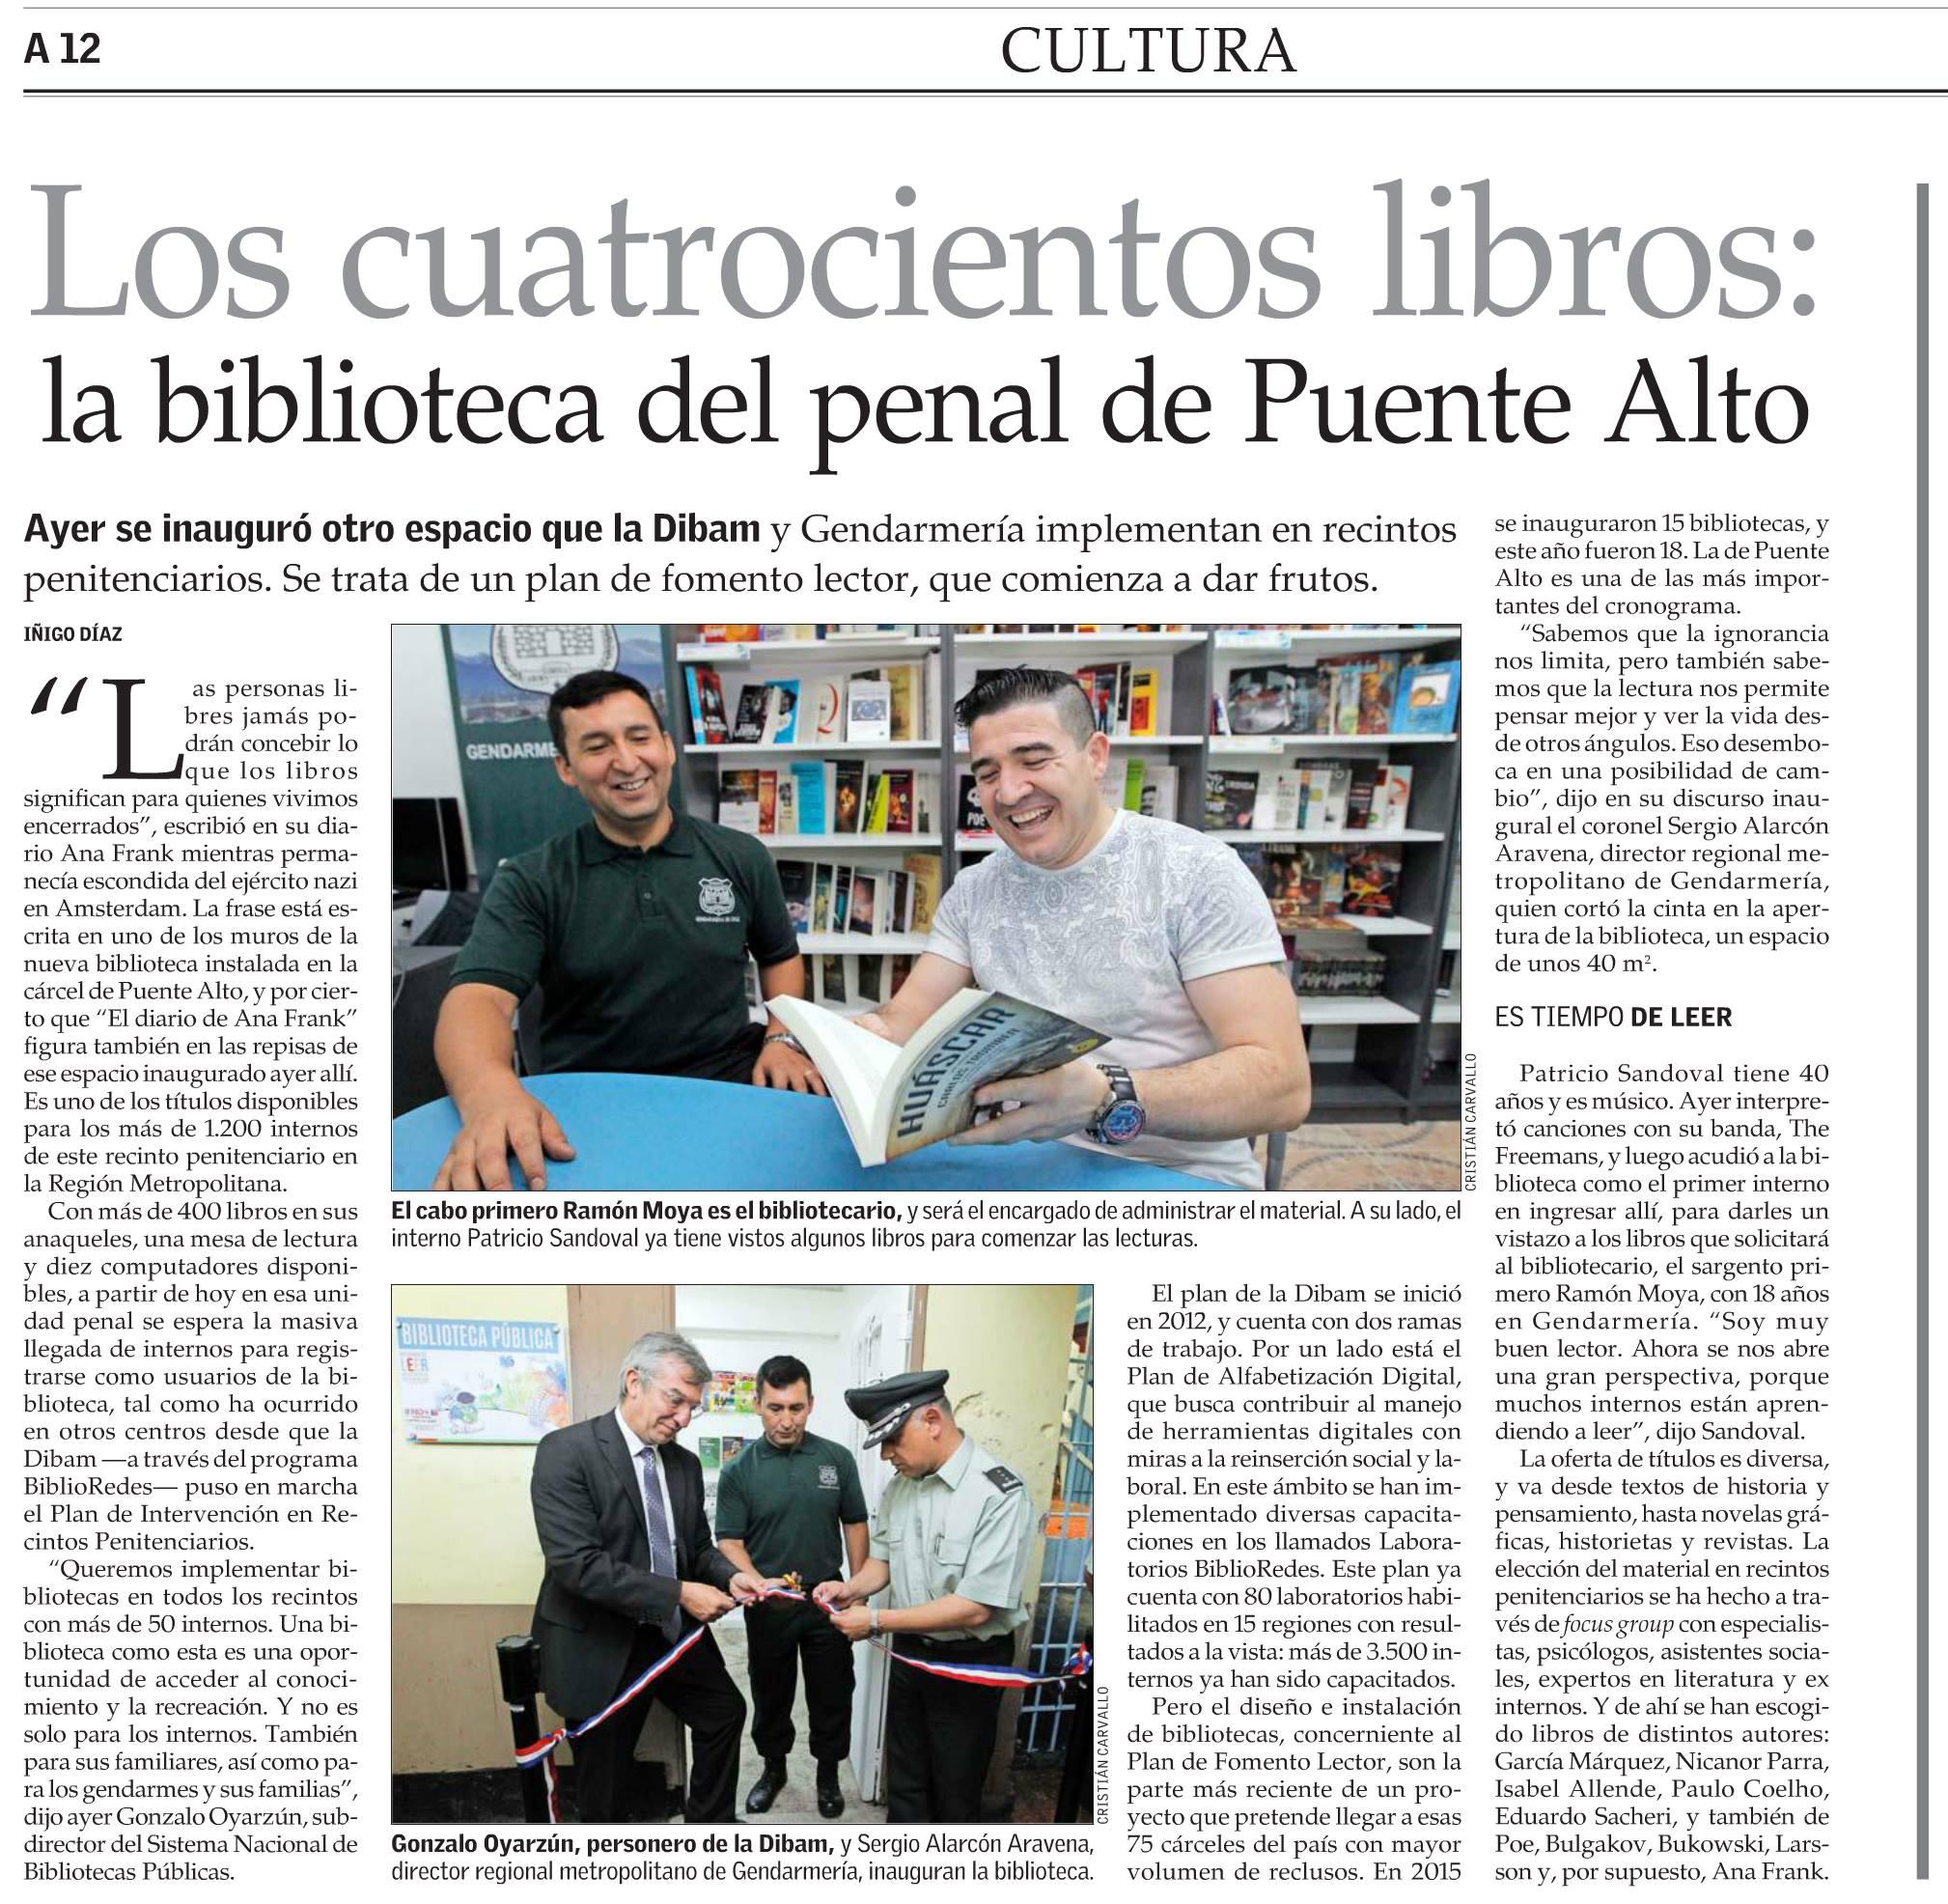 Inauguración Biblioteca CDP Puente Alto – Artículo El Mercurio